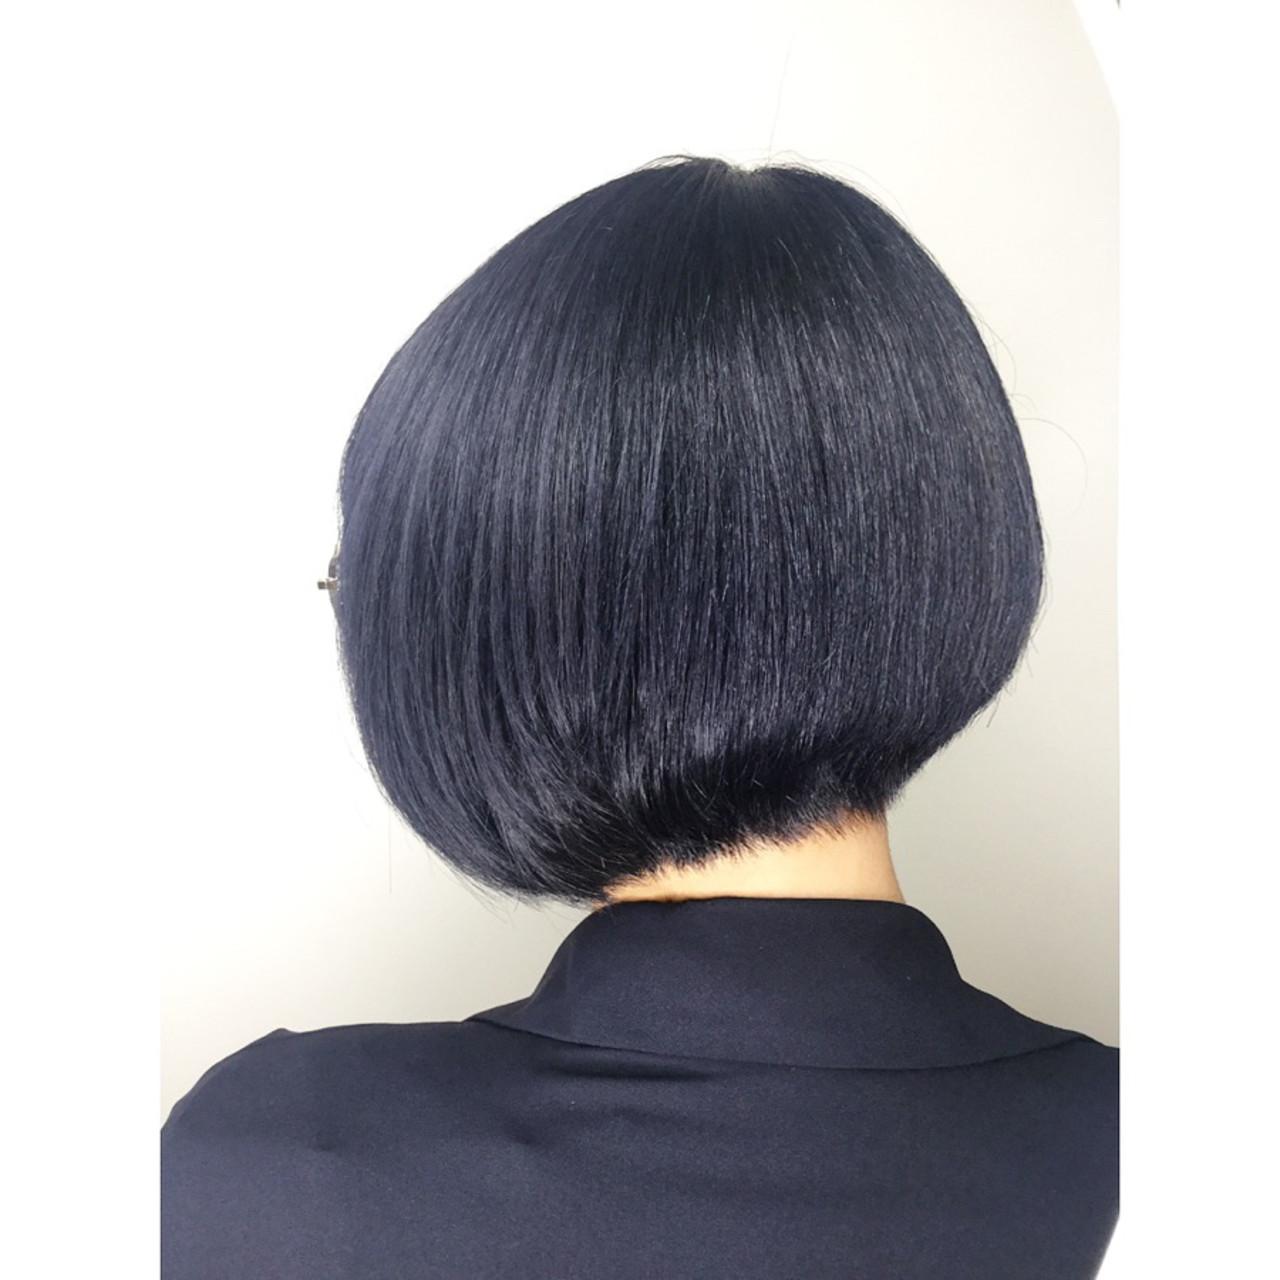 まとまるボブ ショート 個性的 ボブ ヘアスタイルや髪型の写真・画像 | 牧野美波 / TONI&GUY 福岡天神サロン